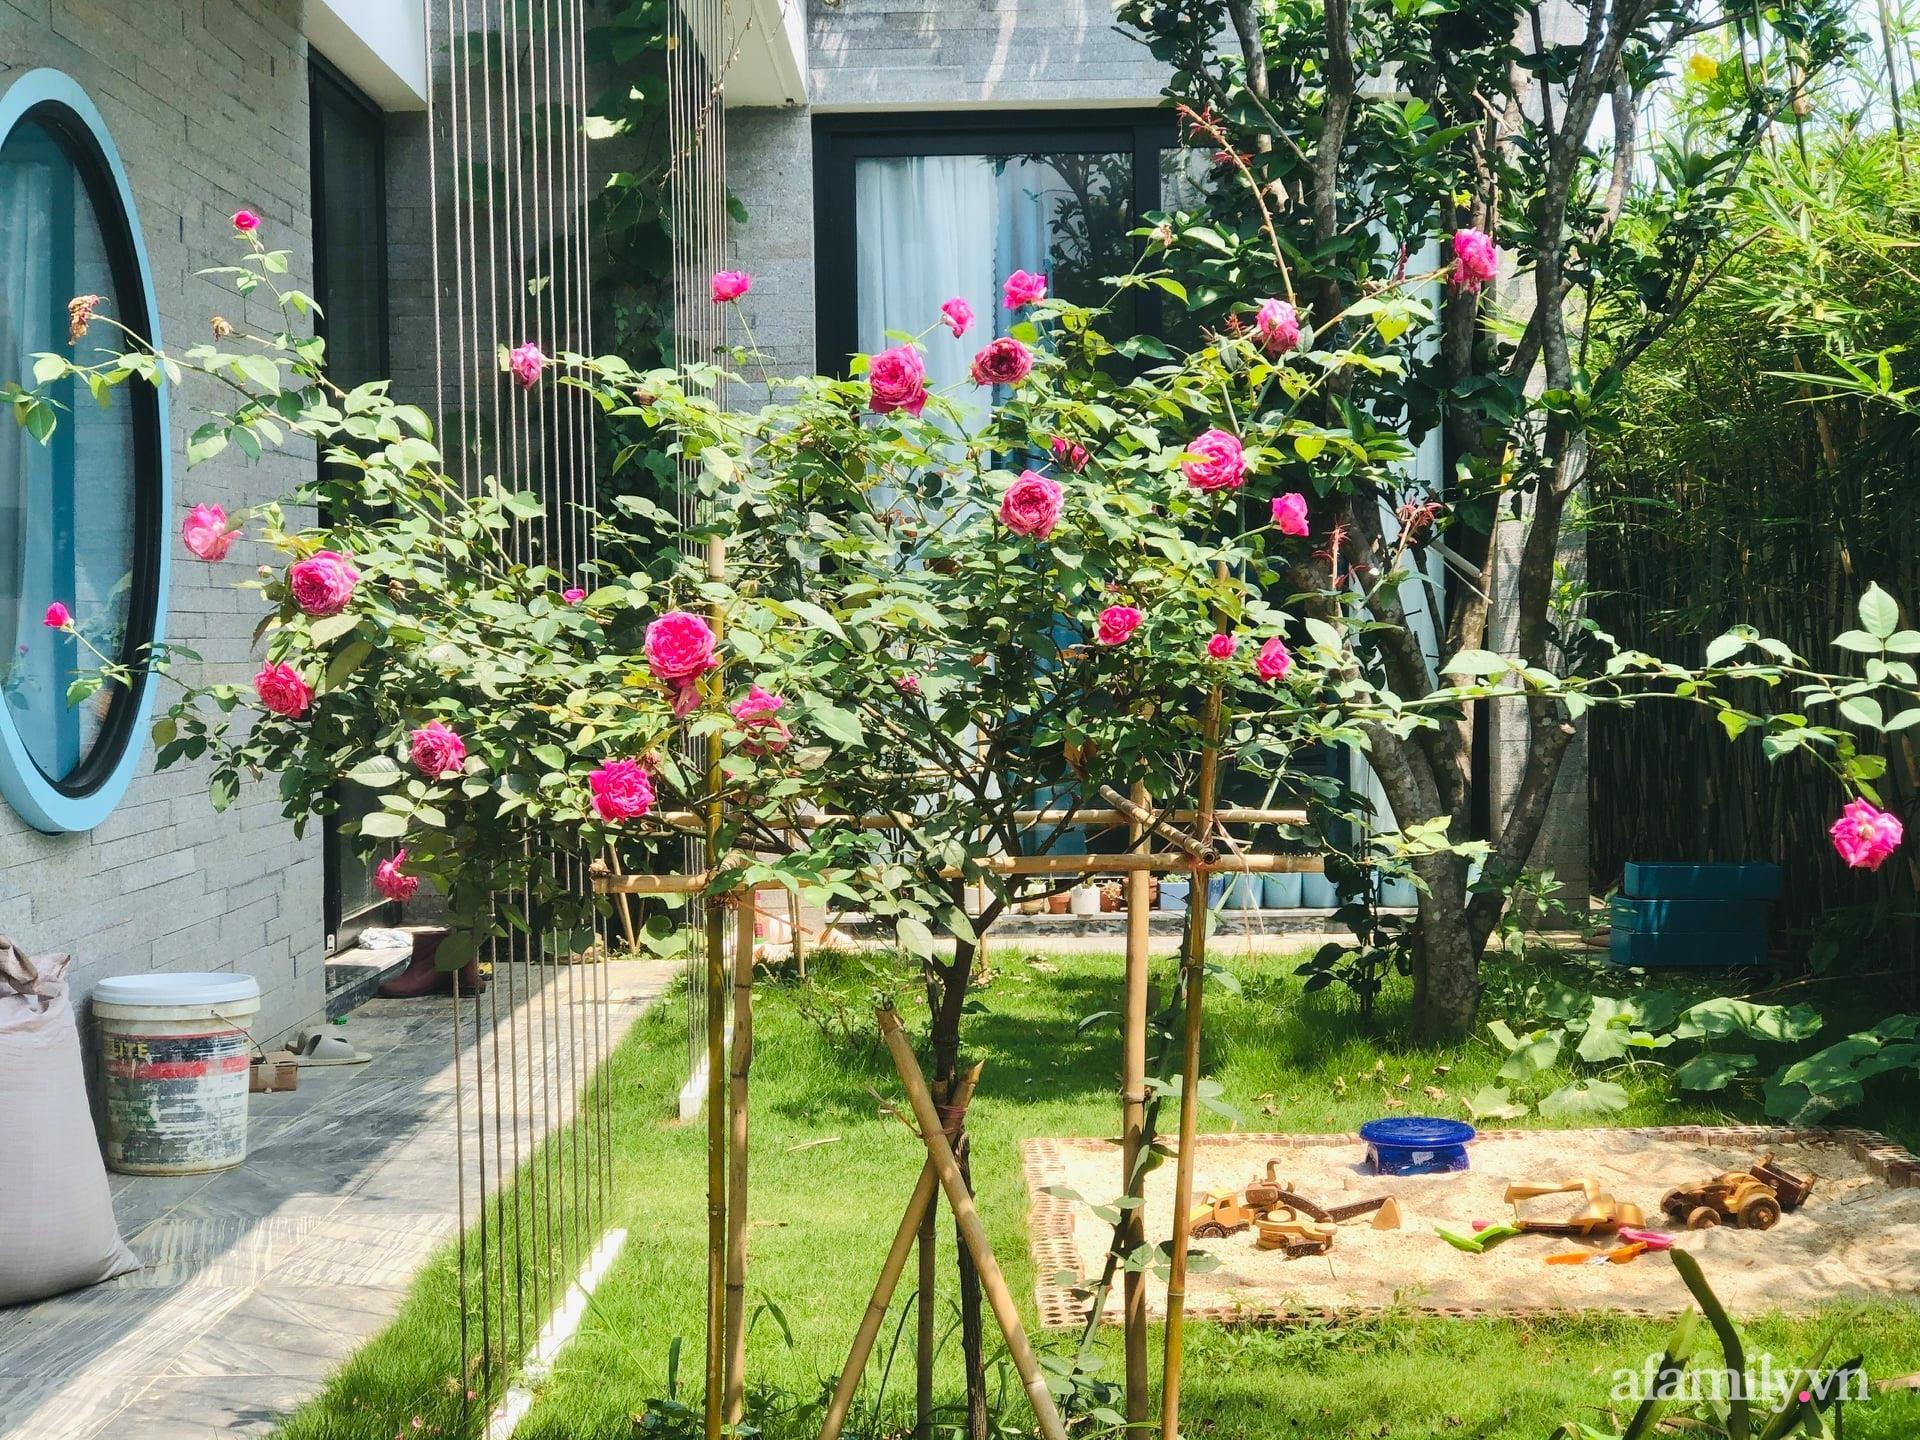 Ngôi nhà nhiều cây xanh và ánh sáng gói trọn bình yên của cặp vợ chồng kiến trúc sư ở Đà Nẵng - Ảnh 17.